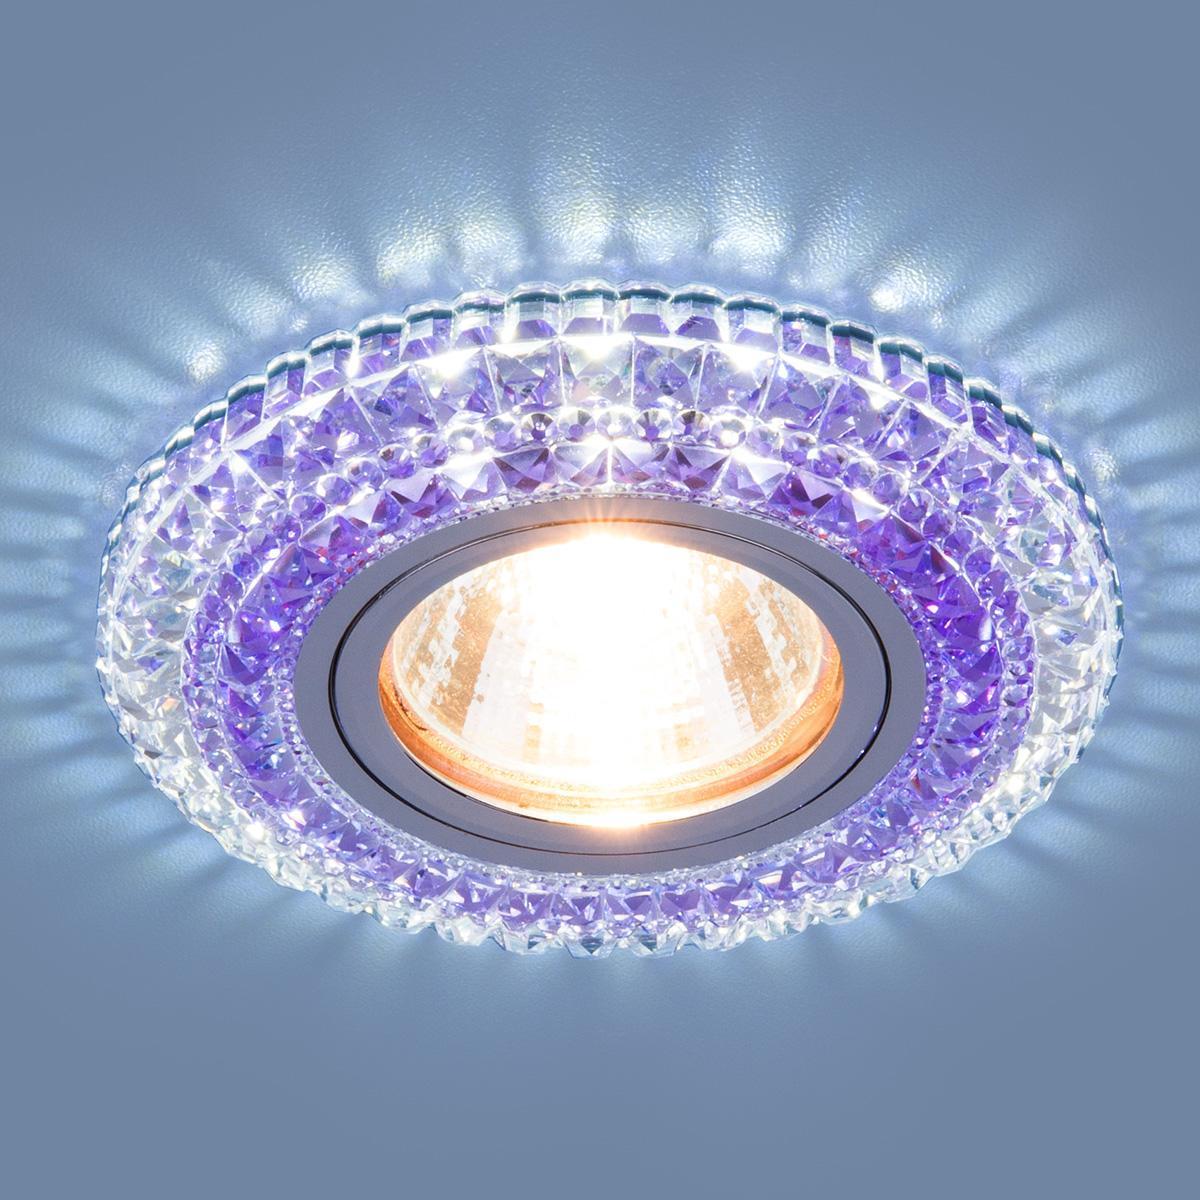 Фото - Встраиваемый светильник Elektrostandard 2193 MR16 CL/PU прозрачный/фиолетовый 4690389098895 cветильник галогенный de fran встраиваемый 1х50вт mr16 ip20 зел античное золото